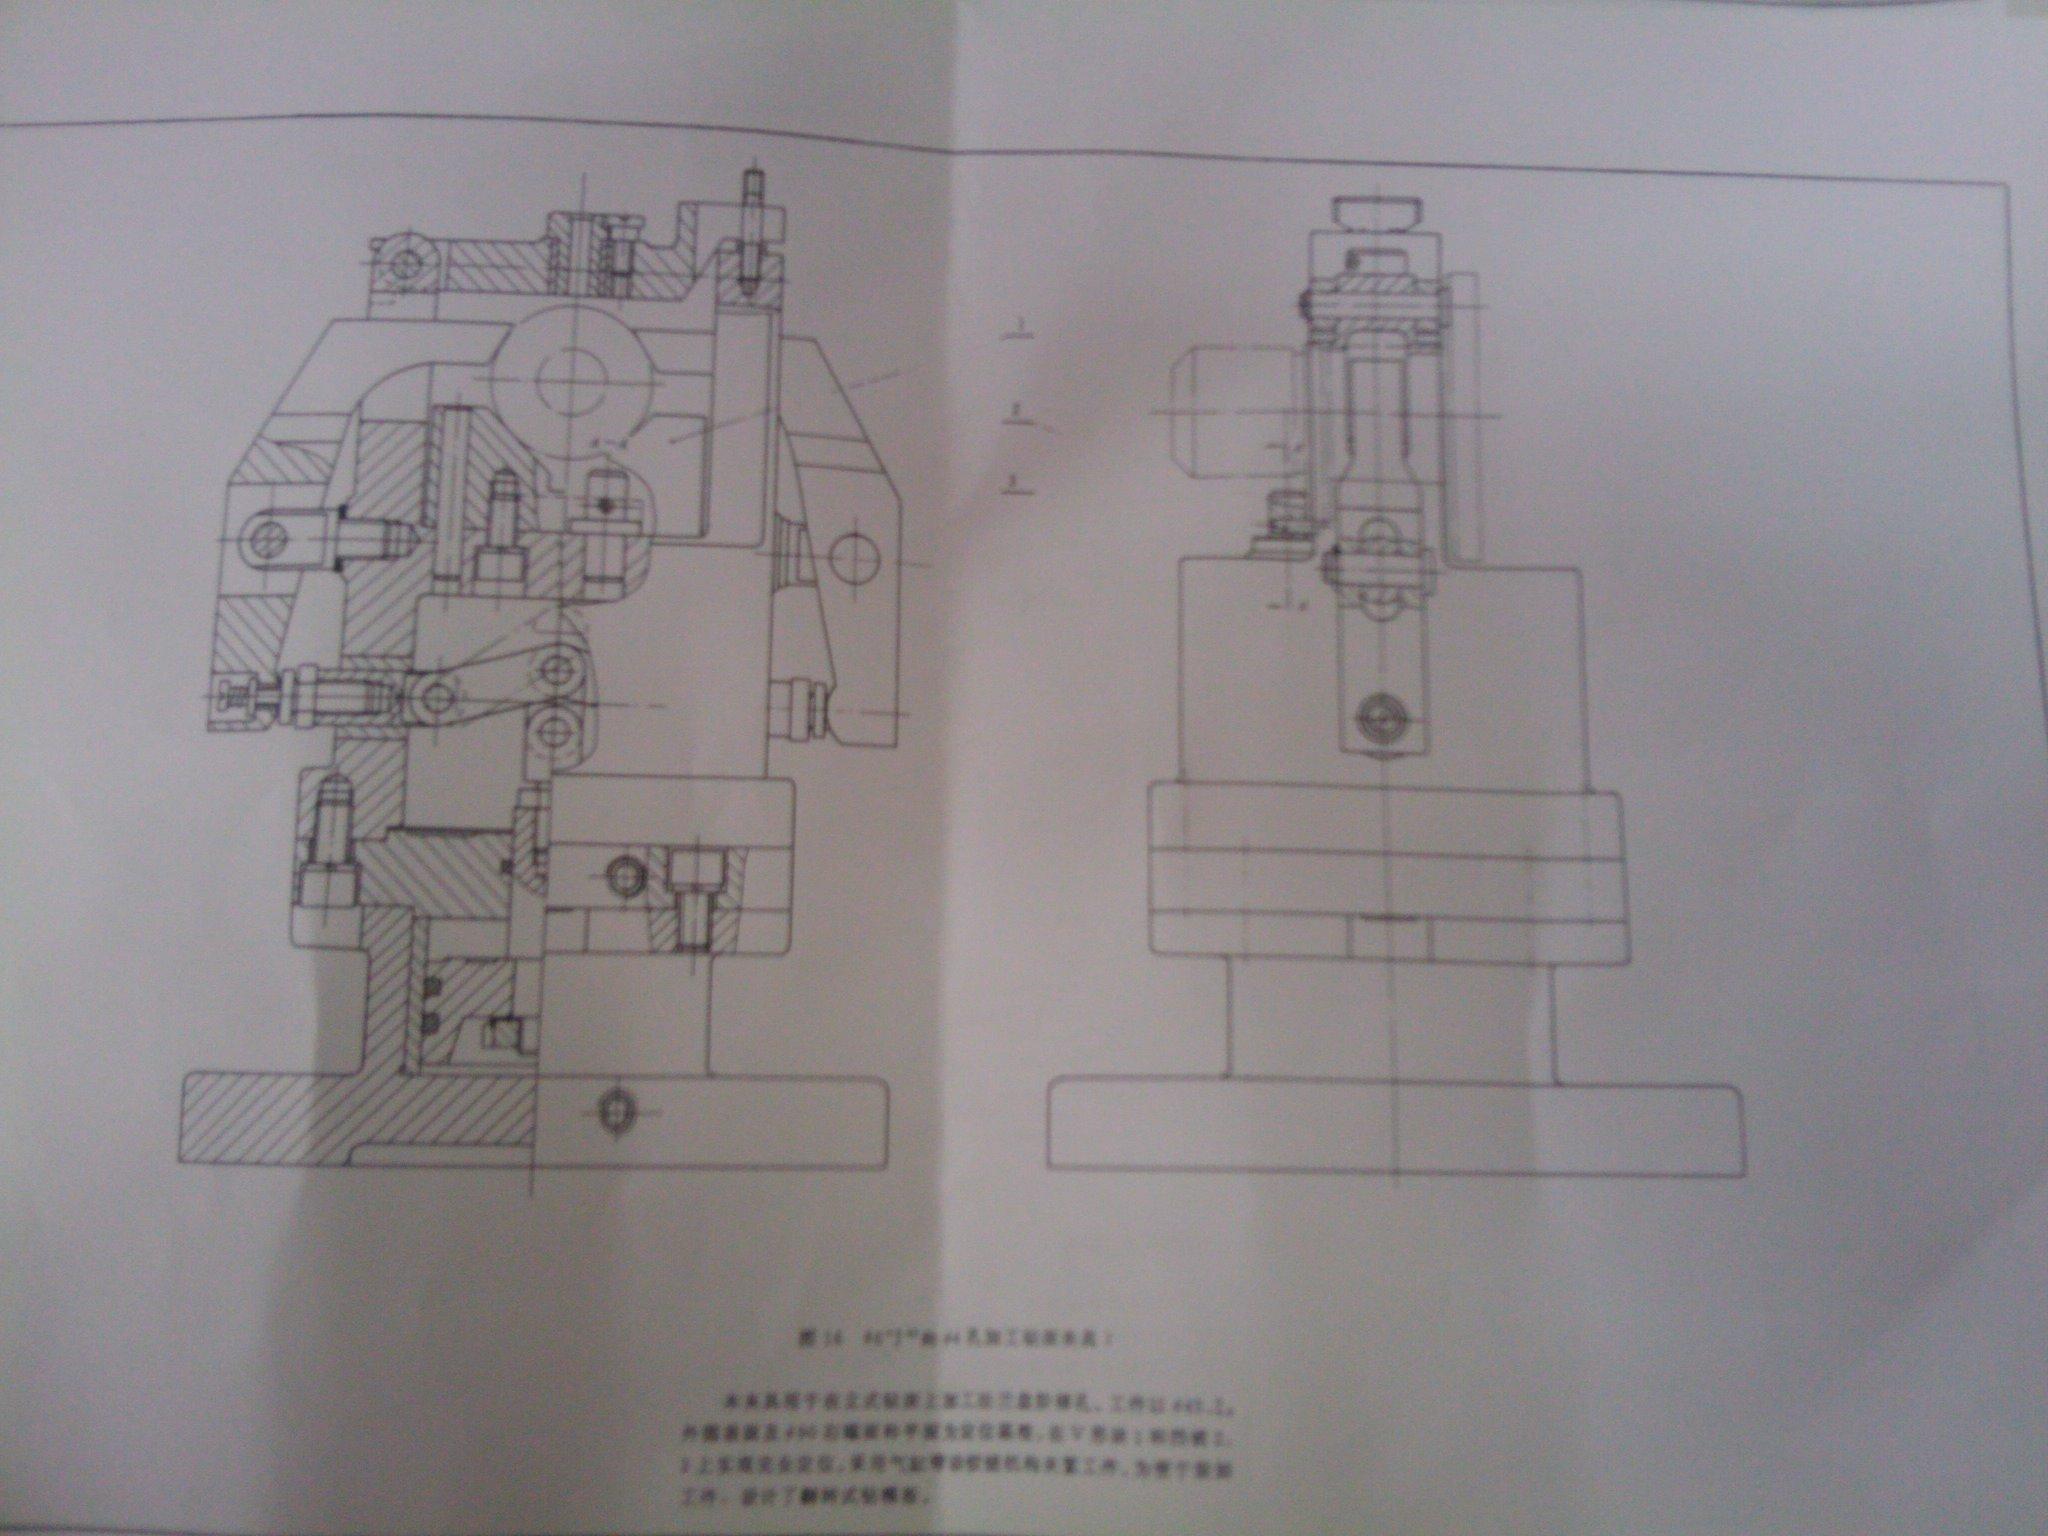 Φ4和Φ6孔加工钻床夹具Ⅰ的课程设计的夹具的cad图+零件图+装配图图片